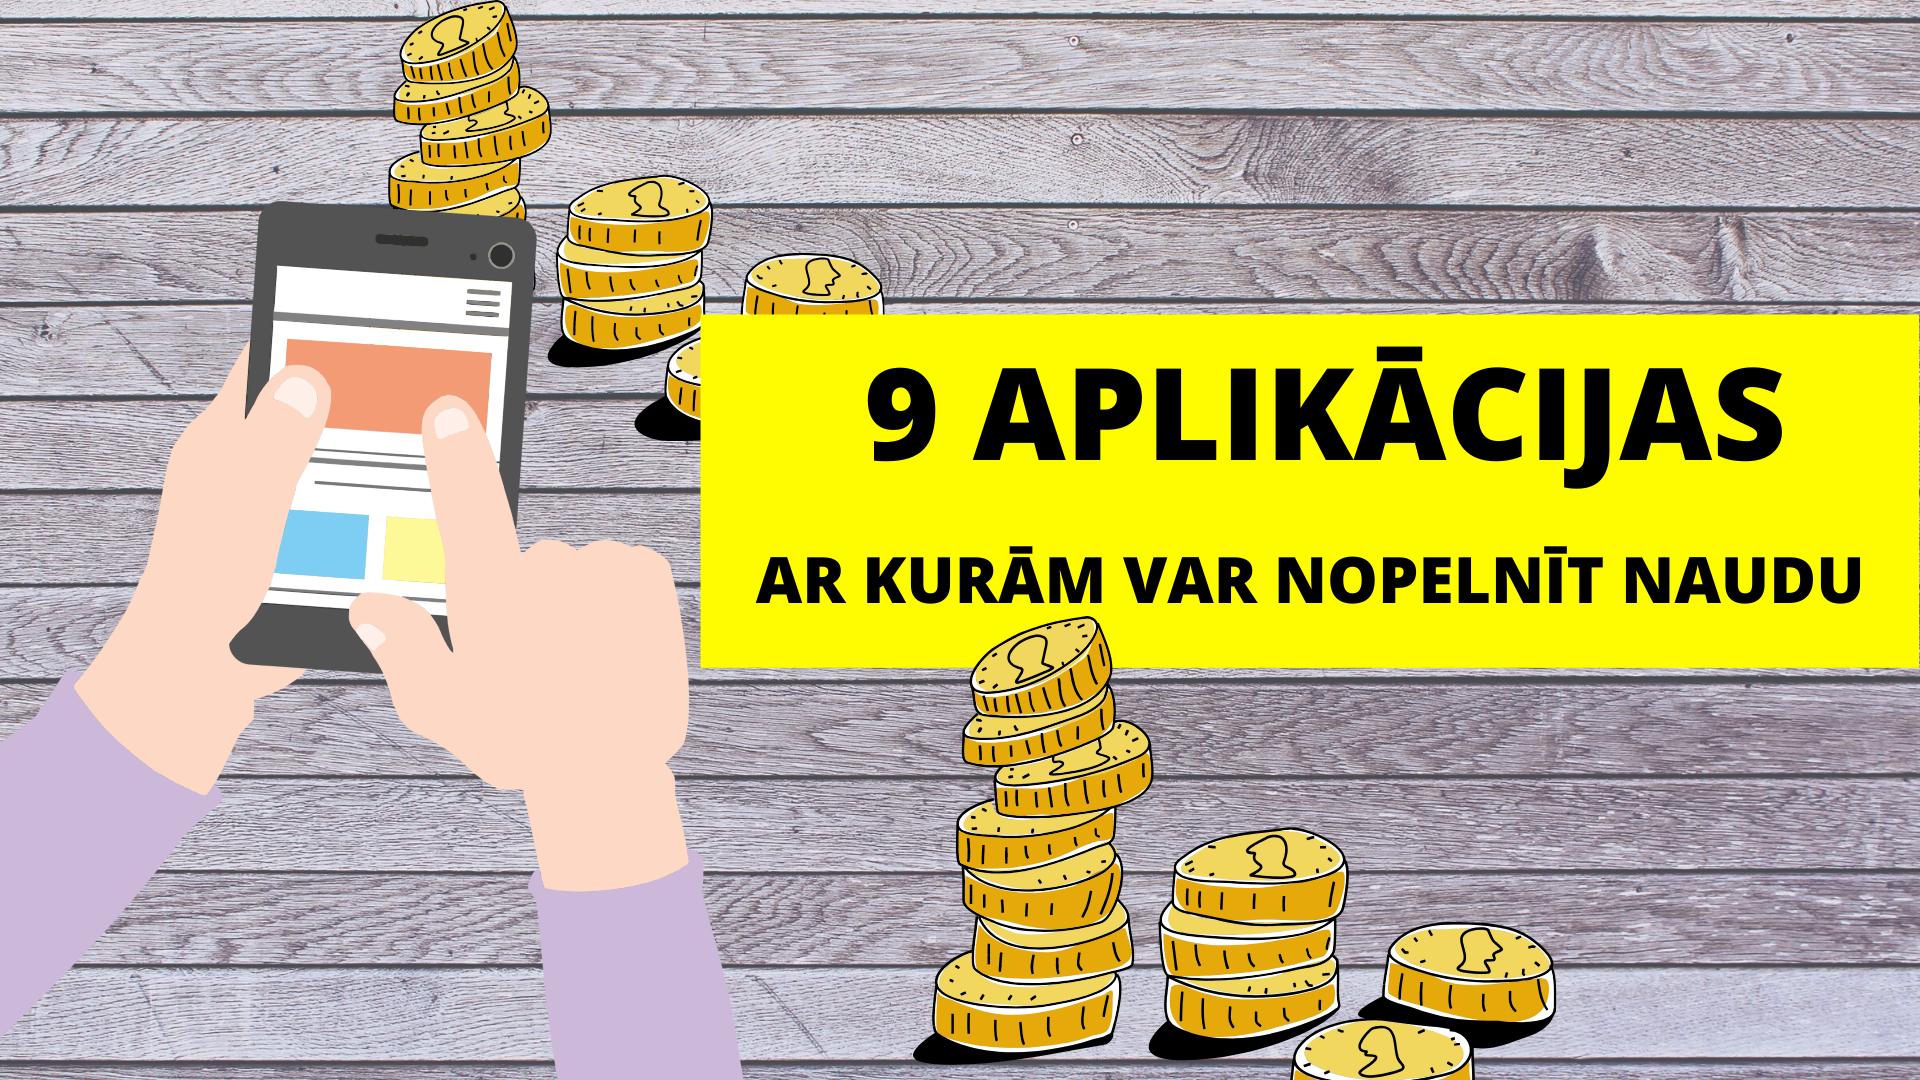 Kādi ienākumi ir jādeklarē? | Swedbank blogs